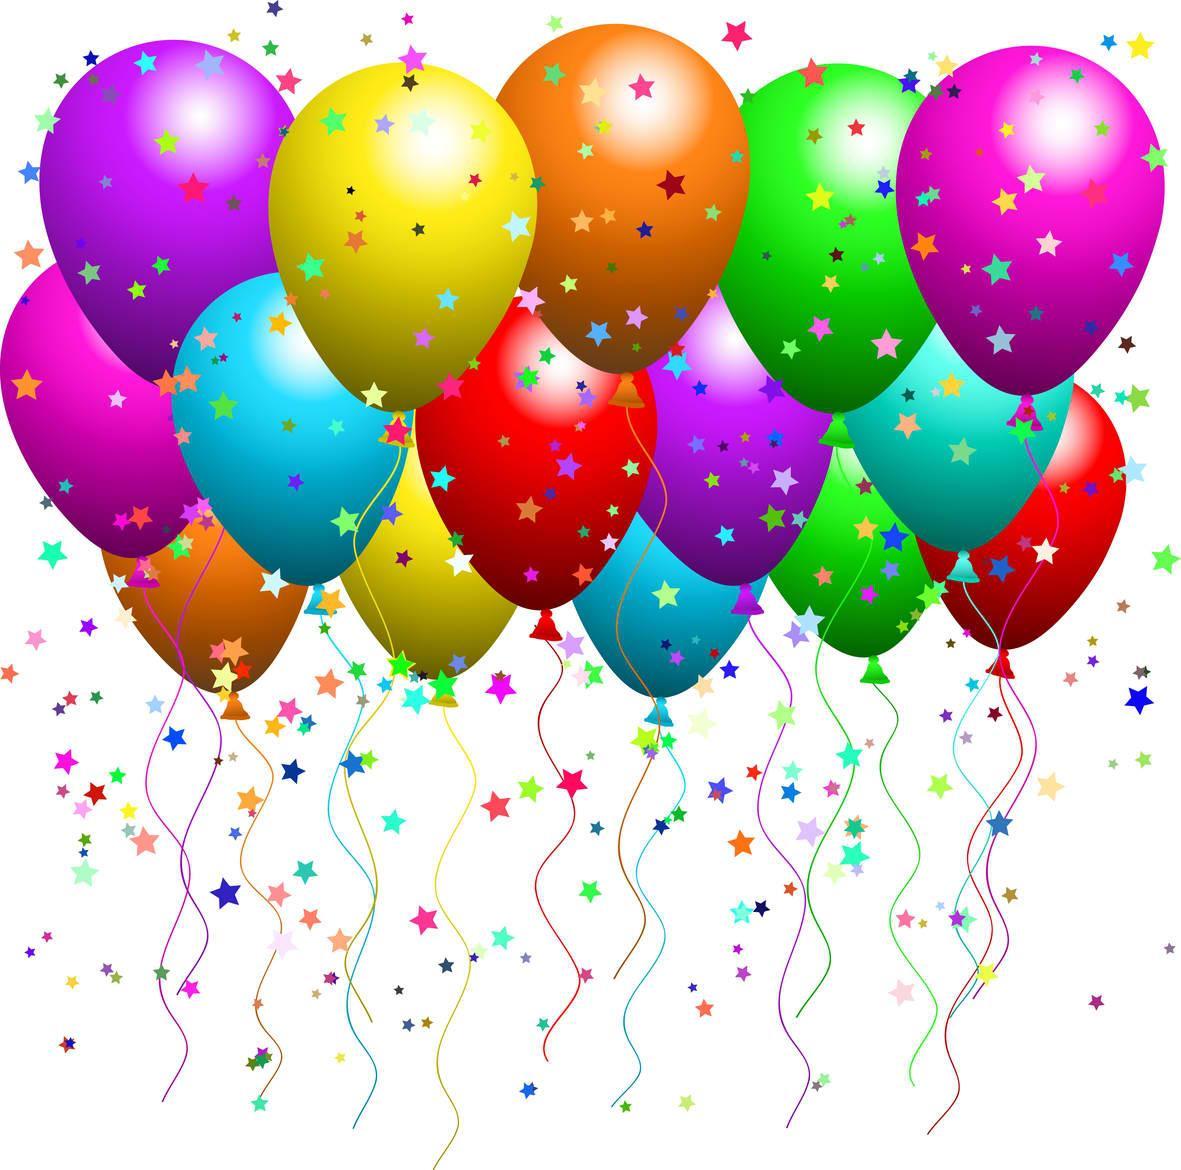 balloonsn